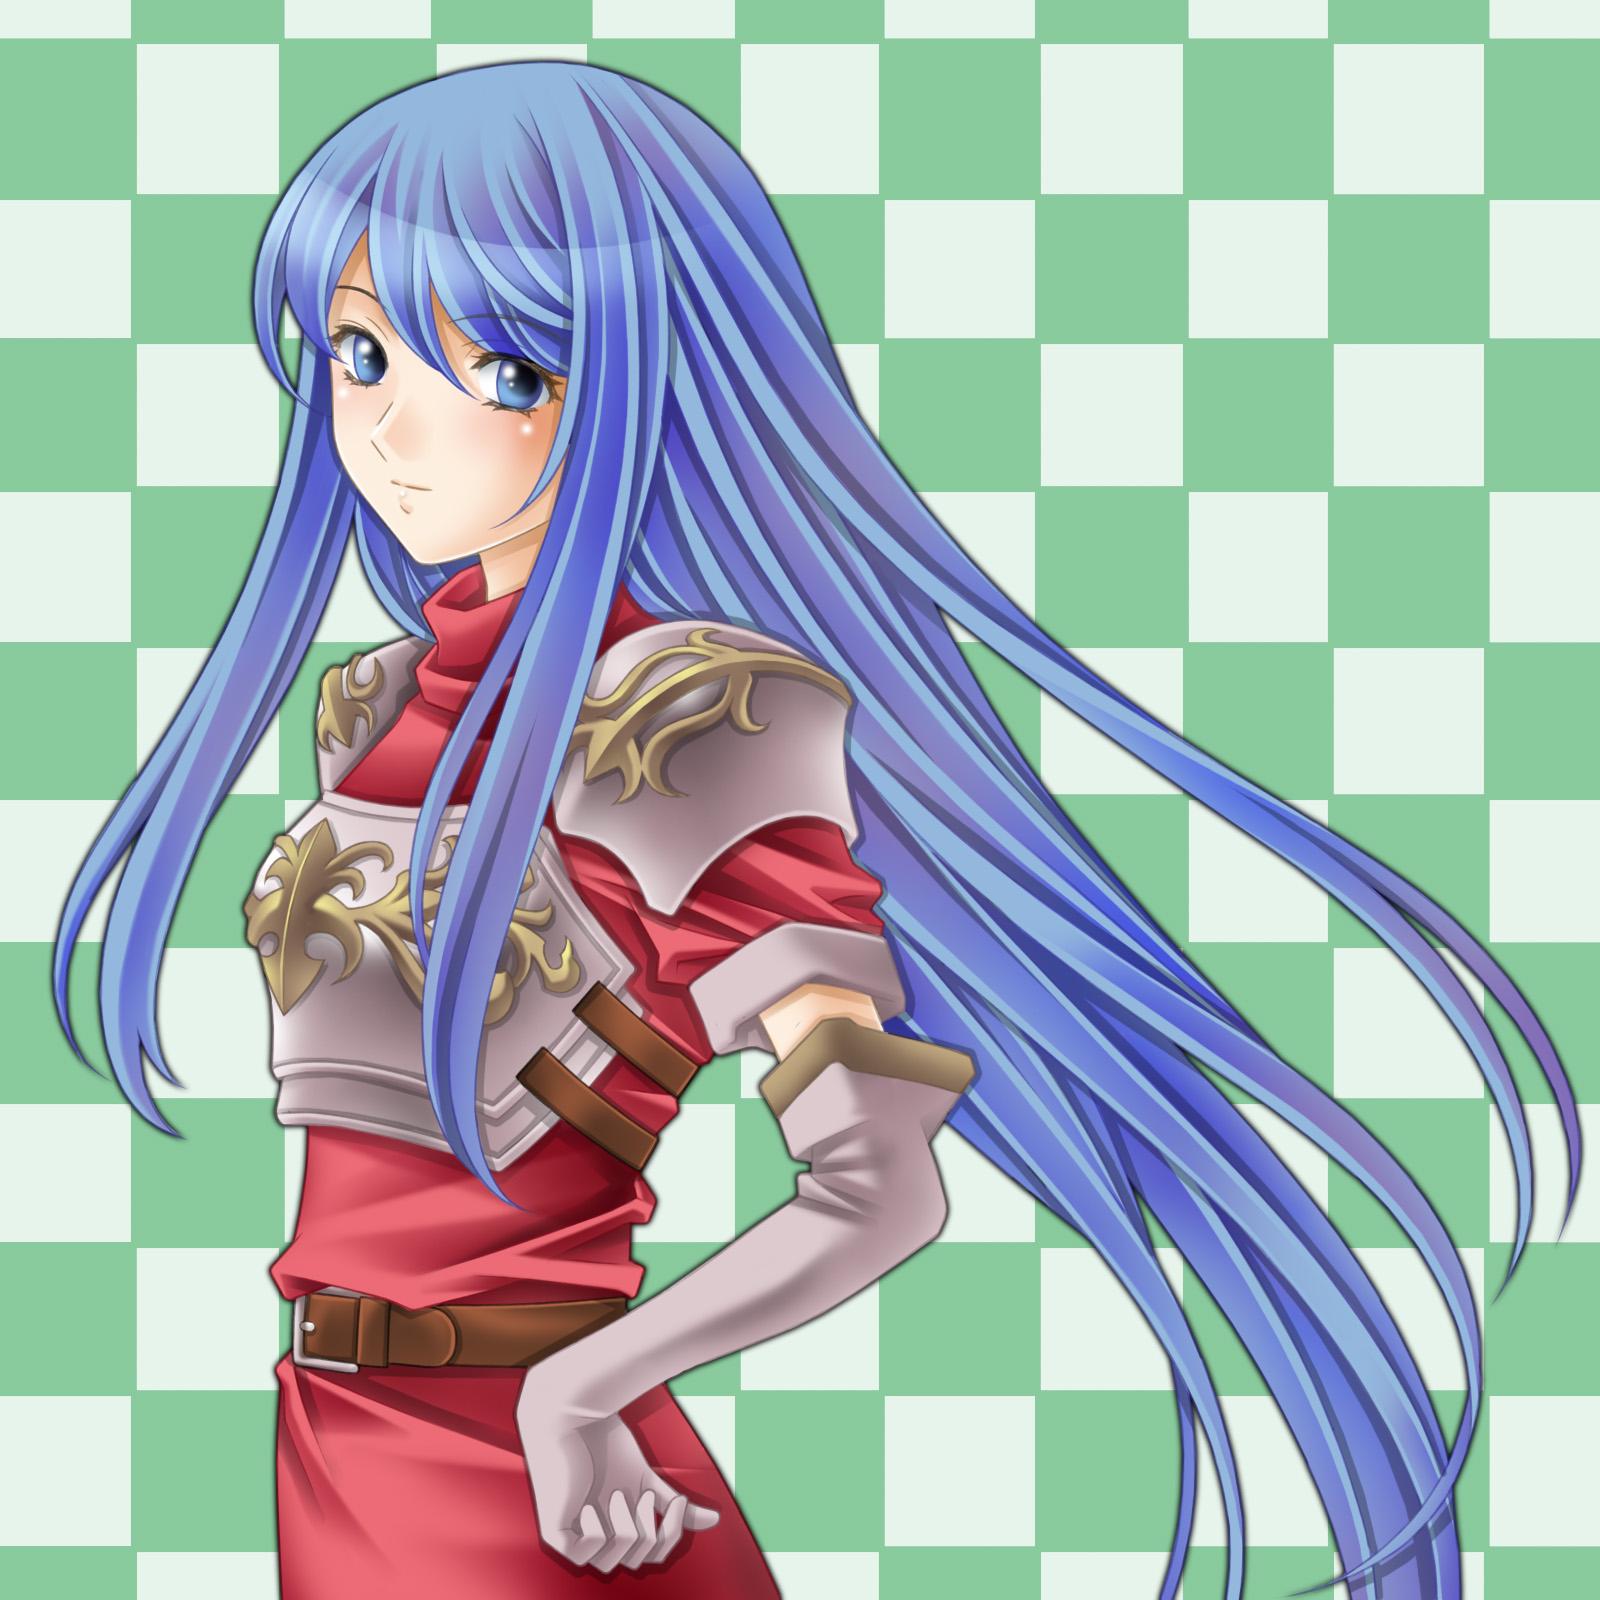 Sheeda (Fire Emblem) (Caeda (fire Emblem)) - Fire Emblem: Monshou no Nazo - Image #2119283